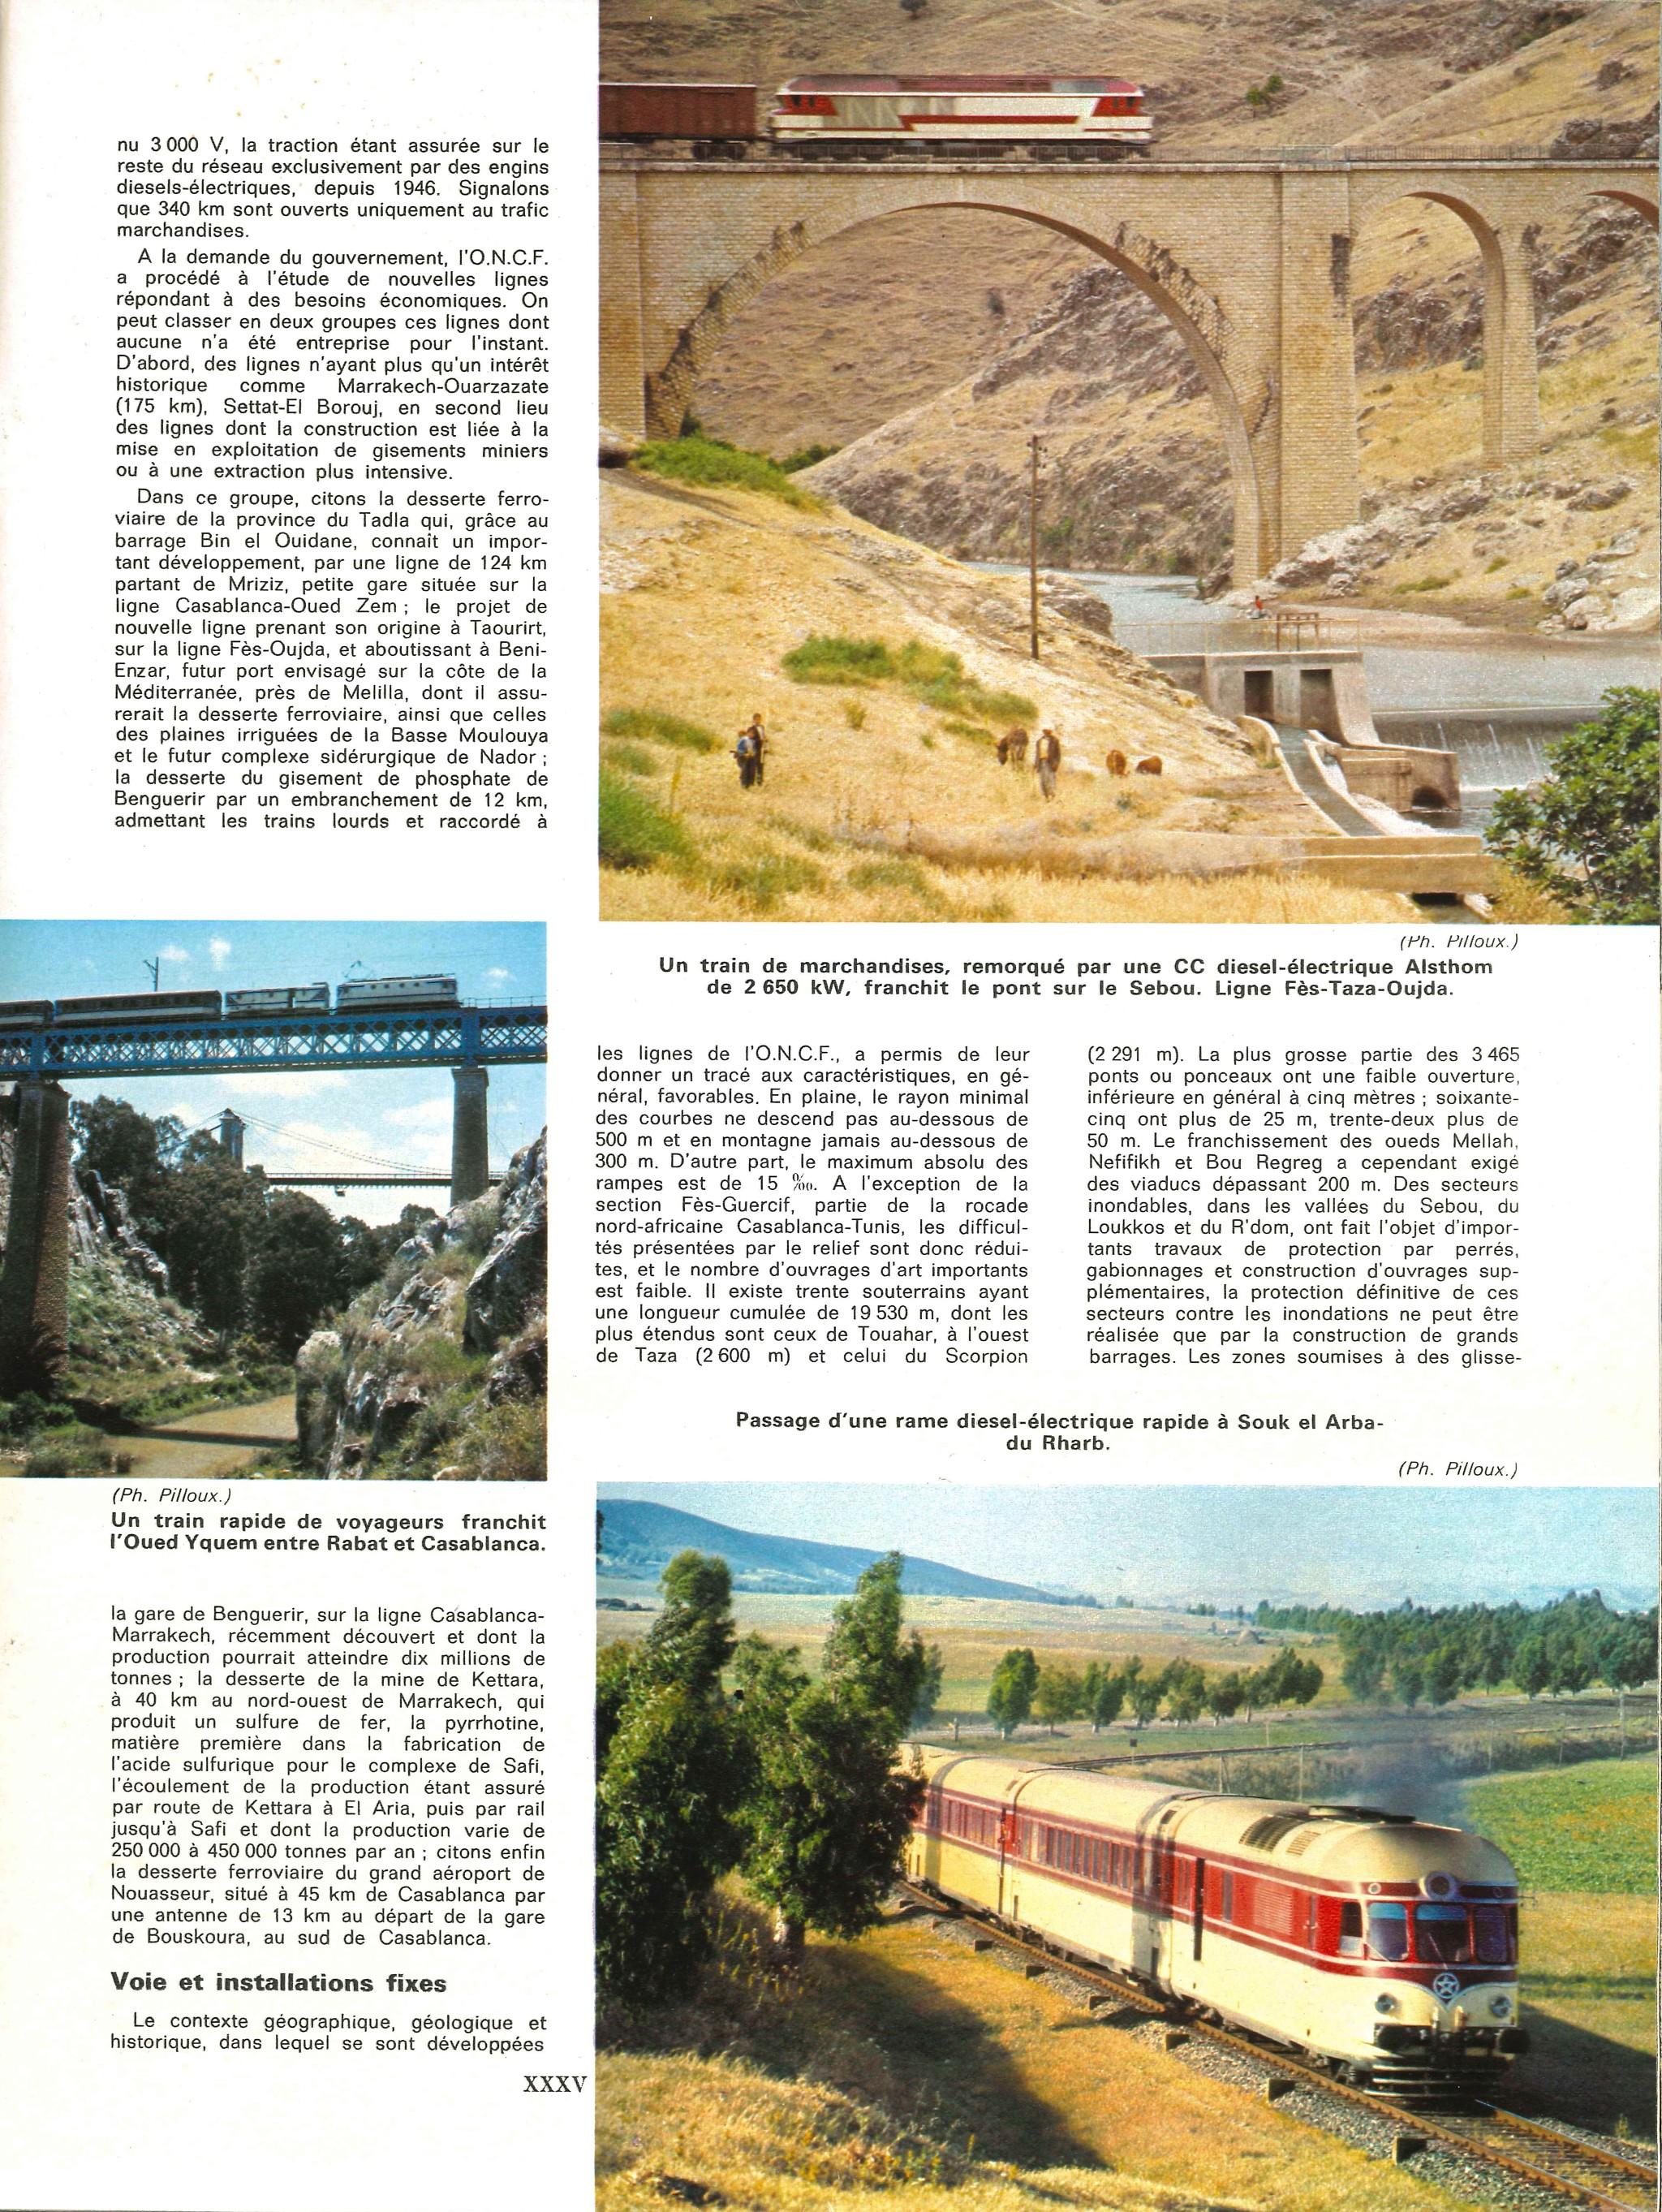 Chemins de Fer au Maroc - ONCF  - Page 2 49429347023_6f6bee29b1_3k